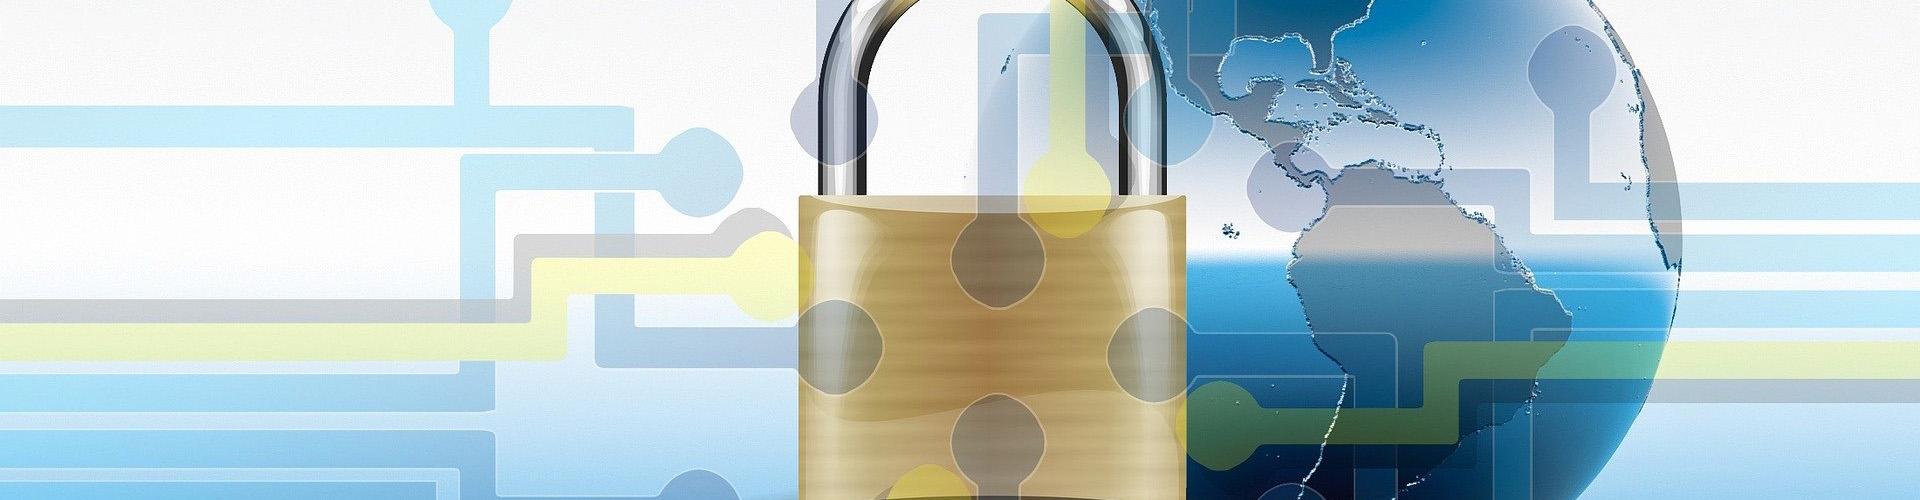 Ciberseguridad y Ciberseguro